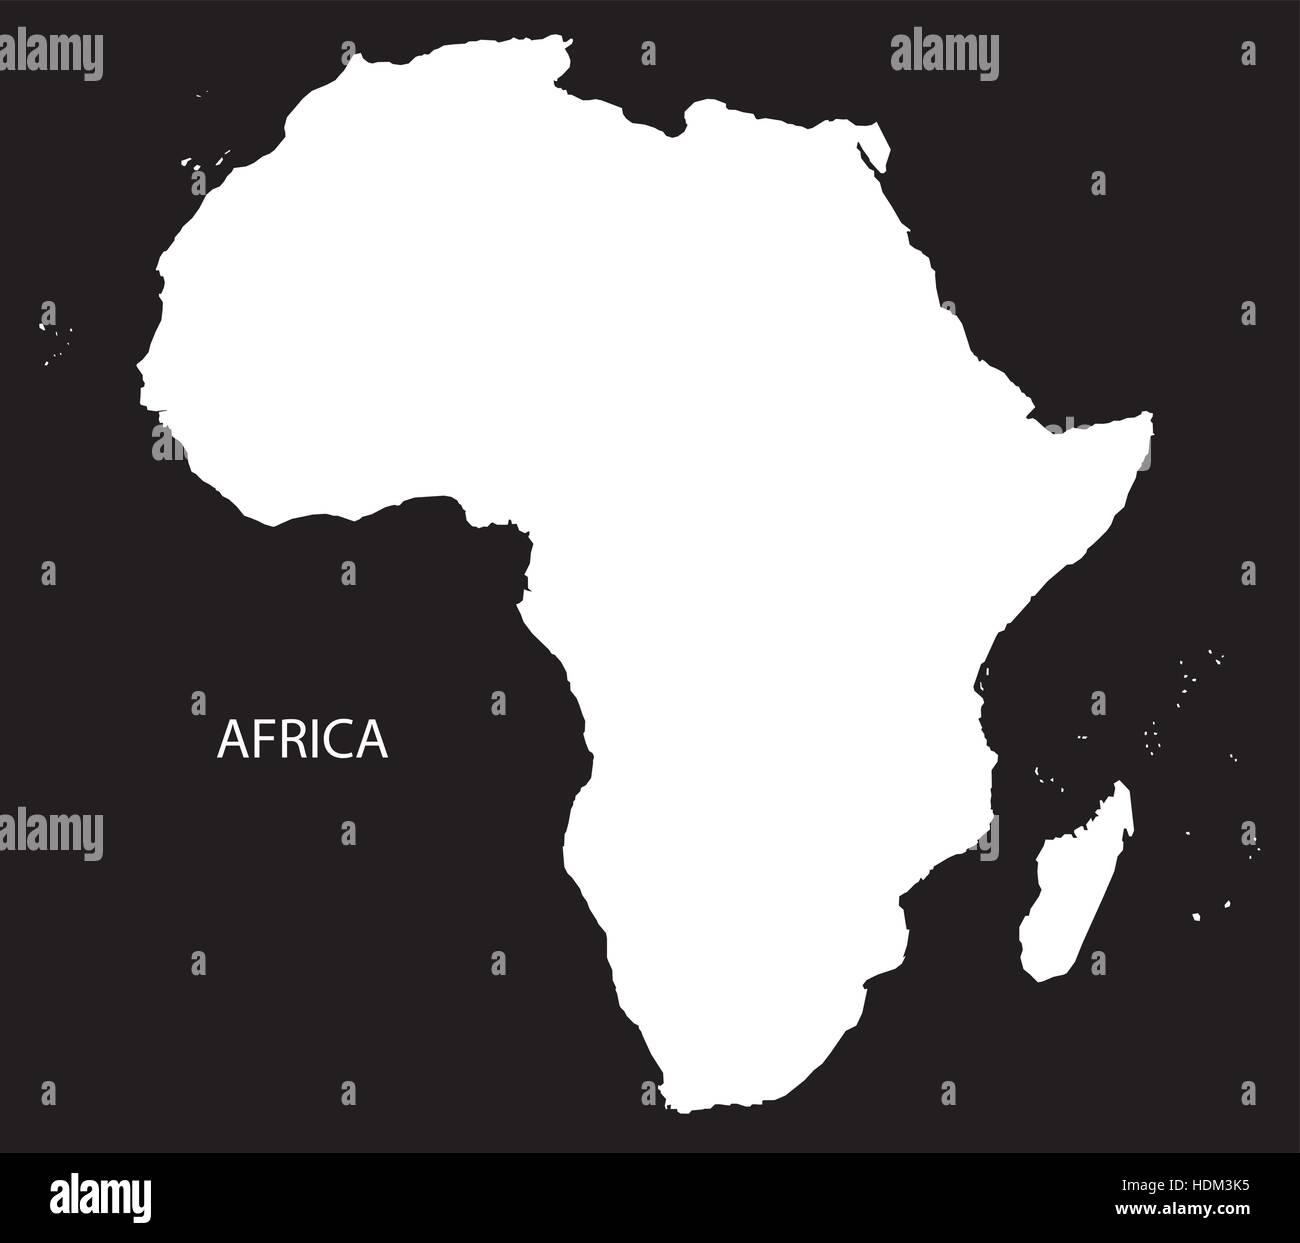 Cartina Dell Africa In Bianco E Nero.Africa Mappa In Bianco E Nero Illustrazione Immagine E Vettoriale Alamy